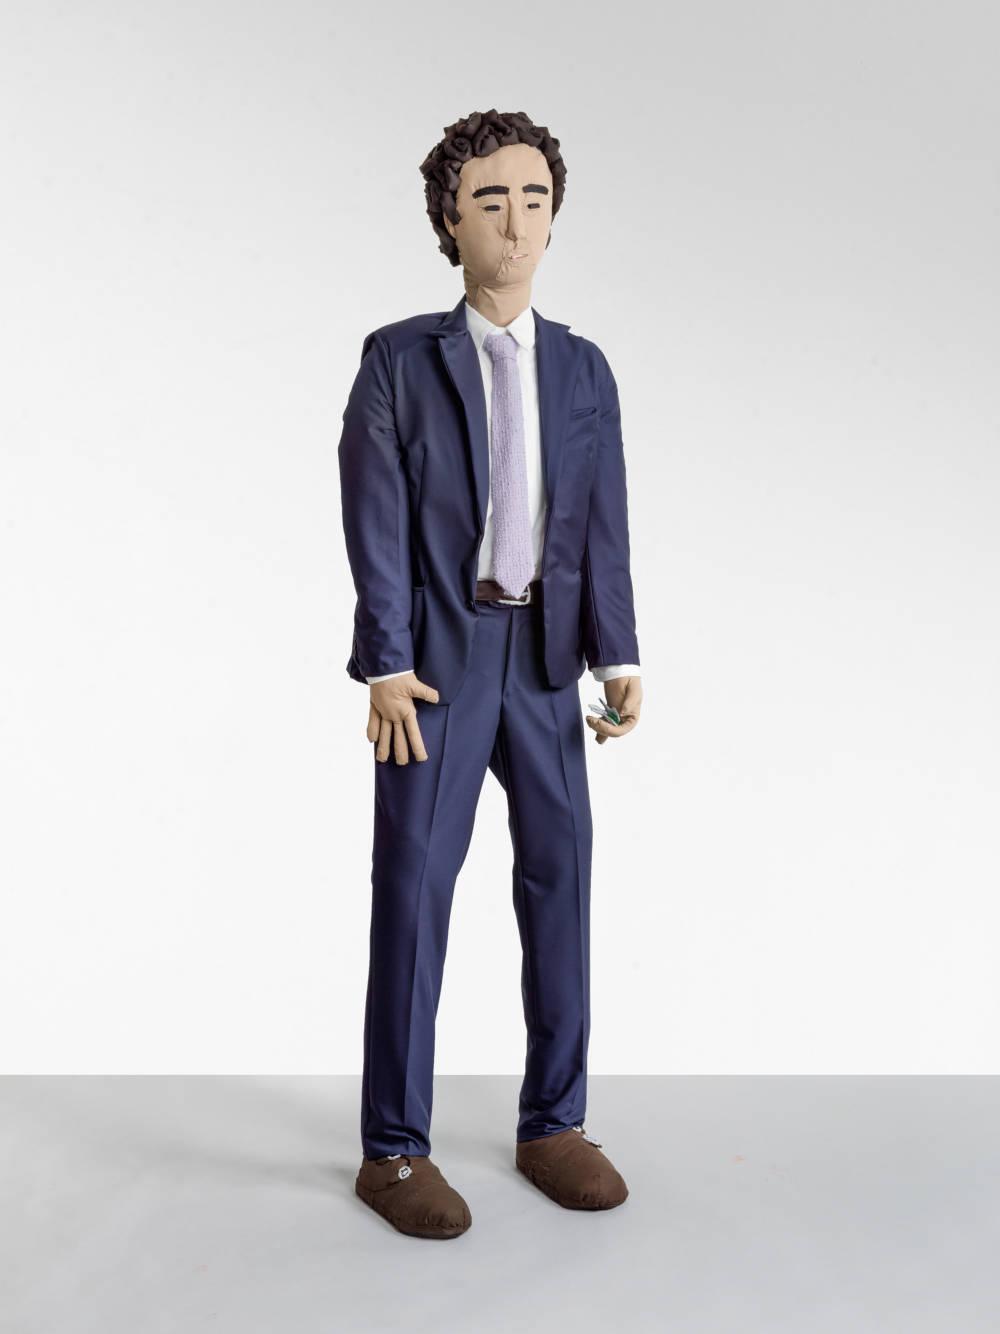 Herr im blauen Anzug (Gentleman in a Blue Suit)